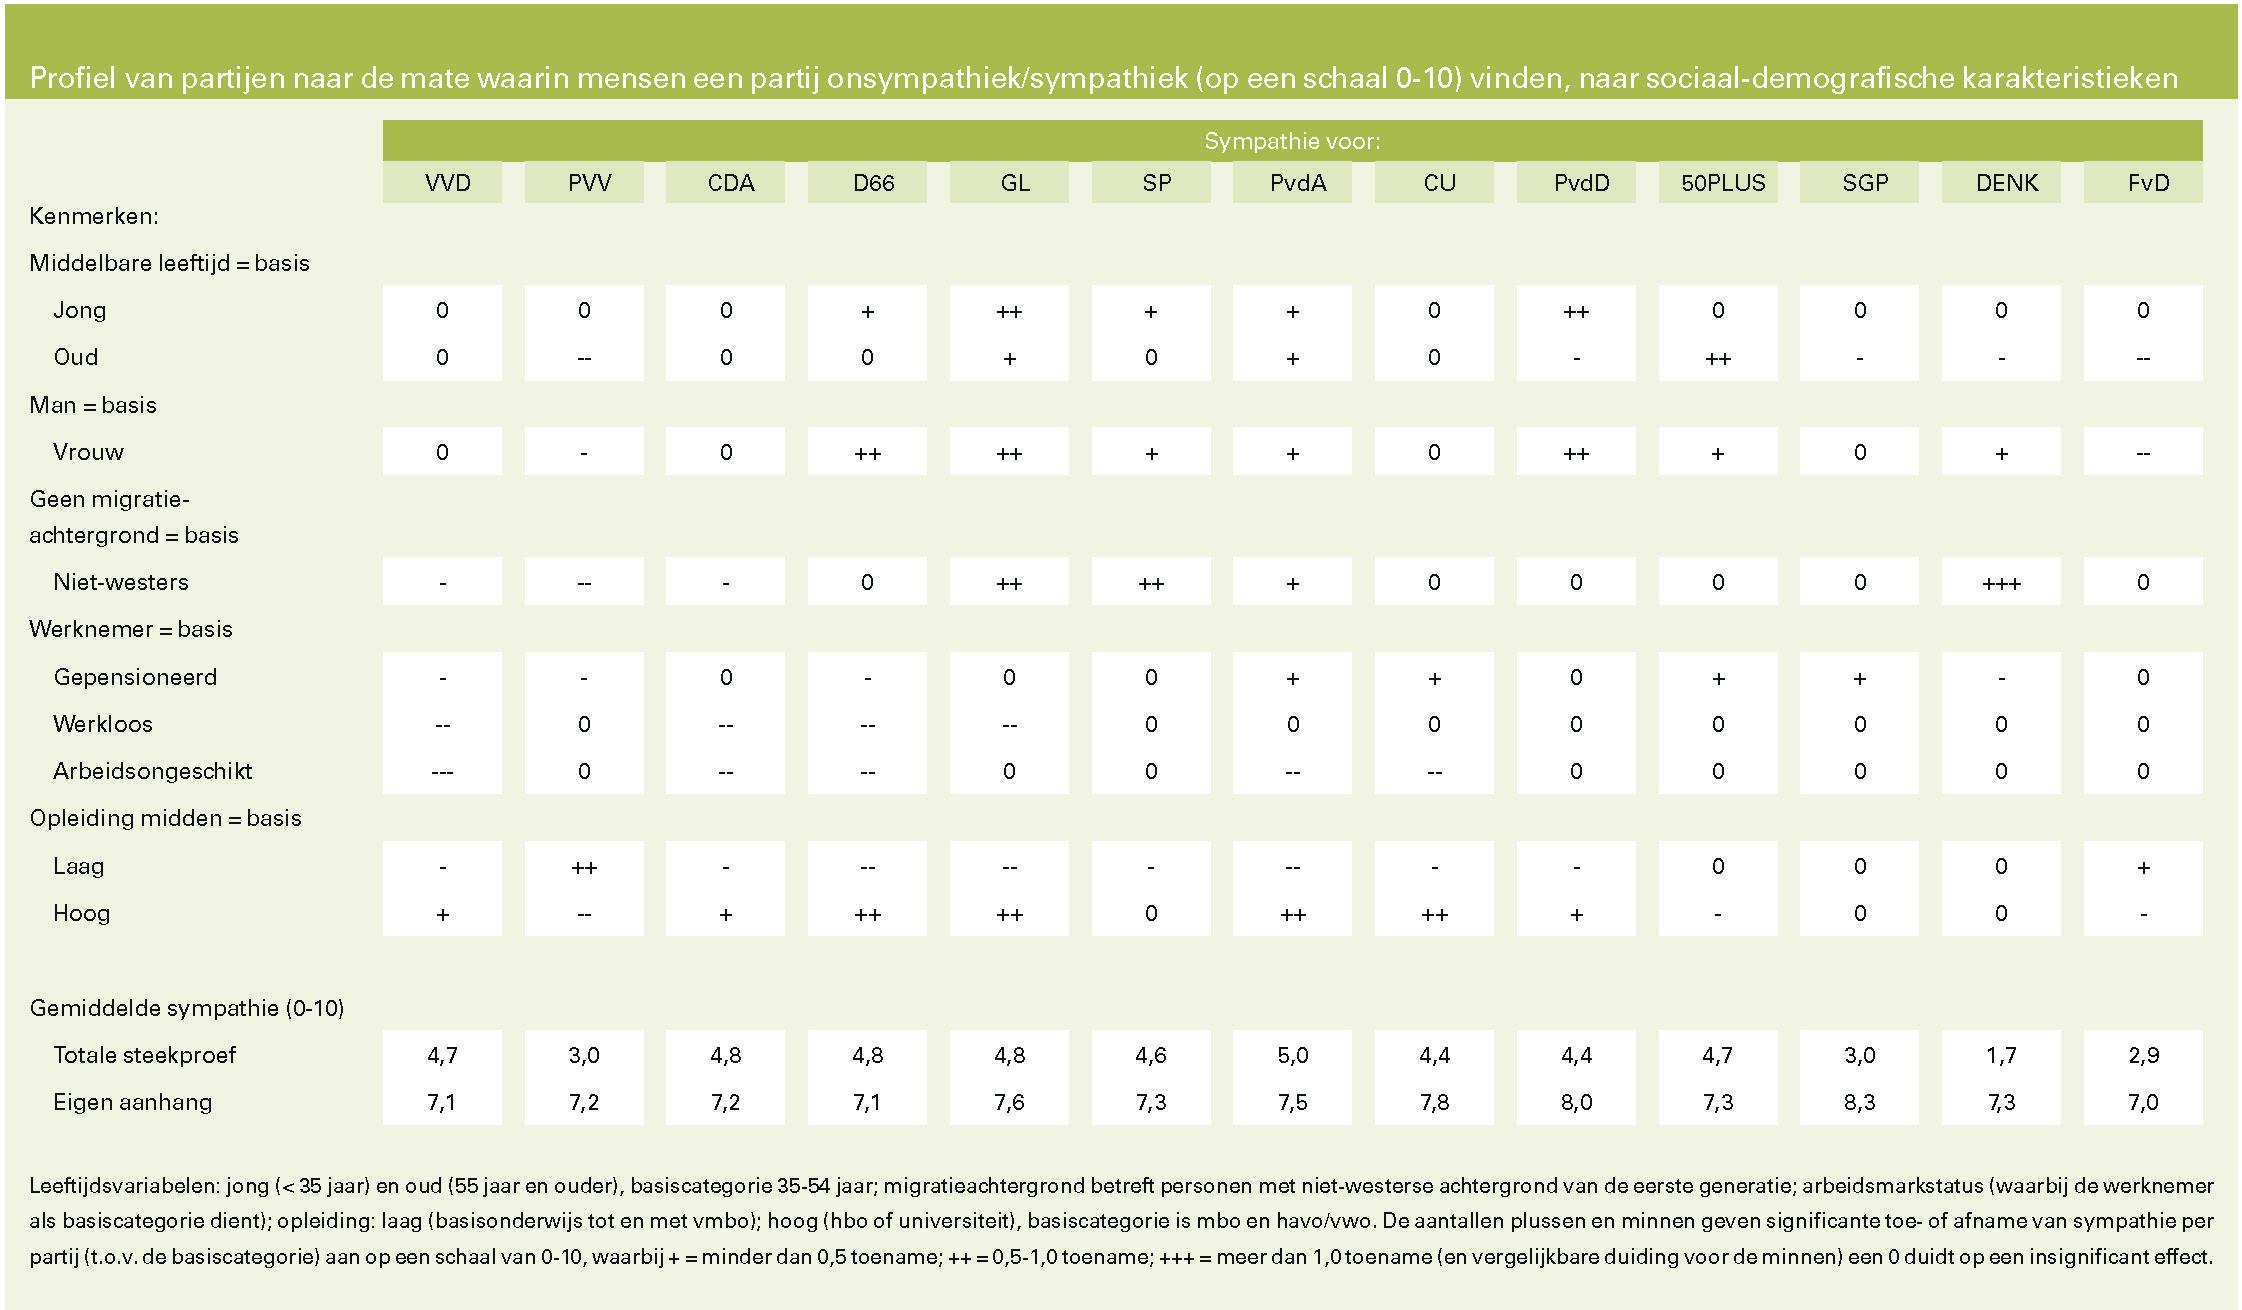 Profiel van partijen naar de mate waarin mensen een partij onsympathiek/sympathiek (op een schaal 0-10) vinden, naar sociaal-demografische karakteristieken